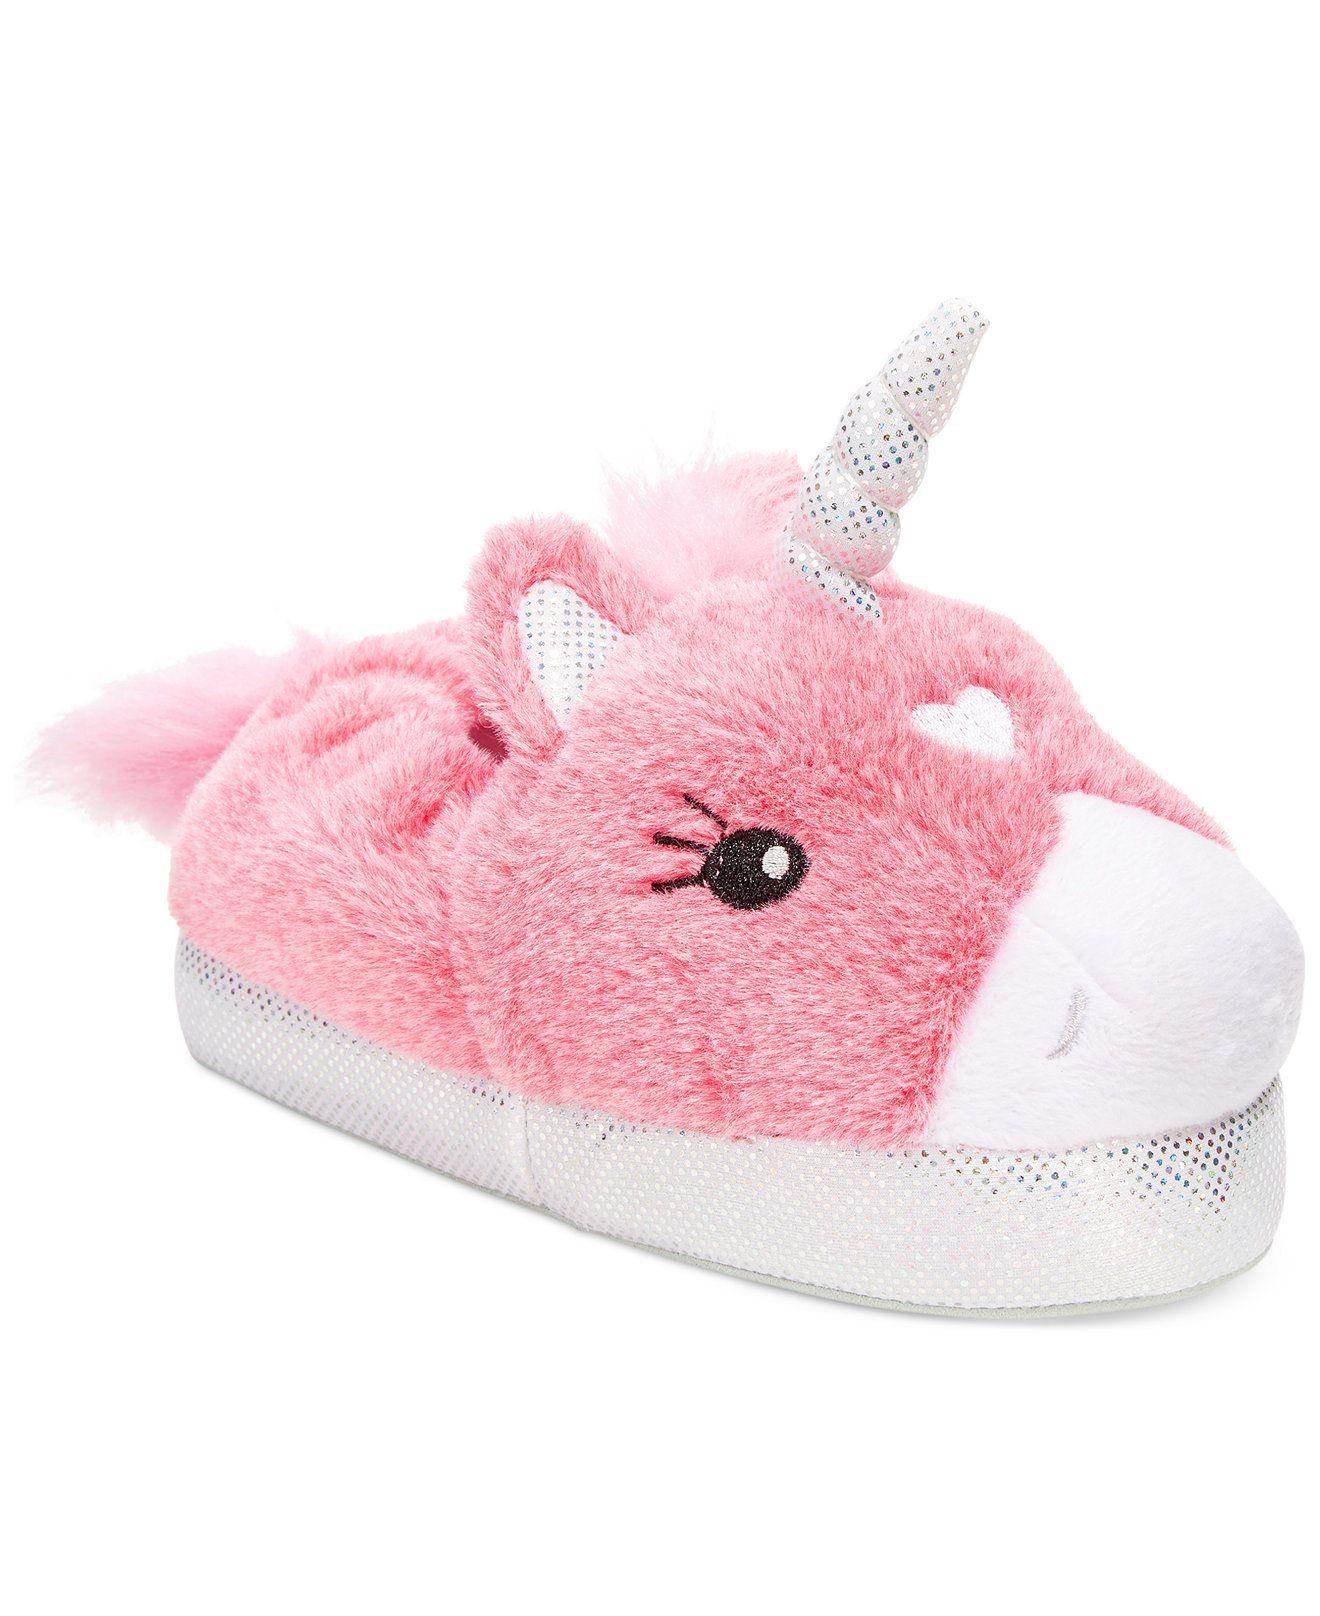 Stride Rite Little Girls or Toddler Girls Light Up Unicorn